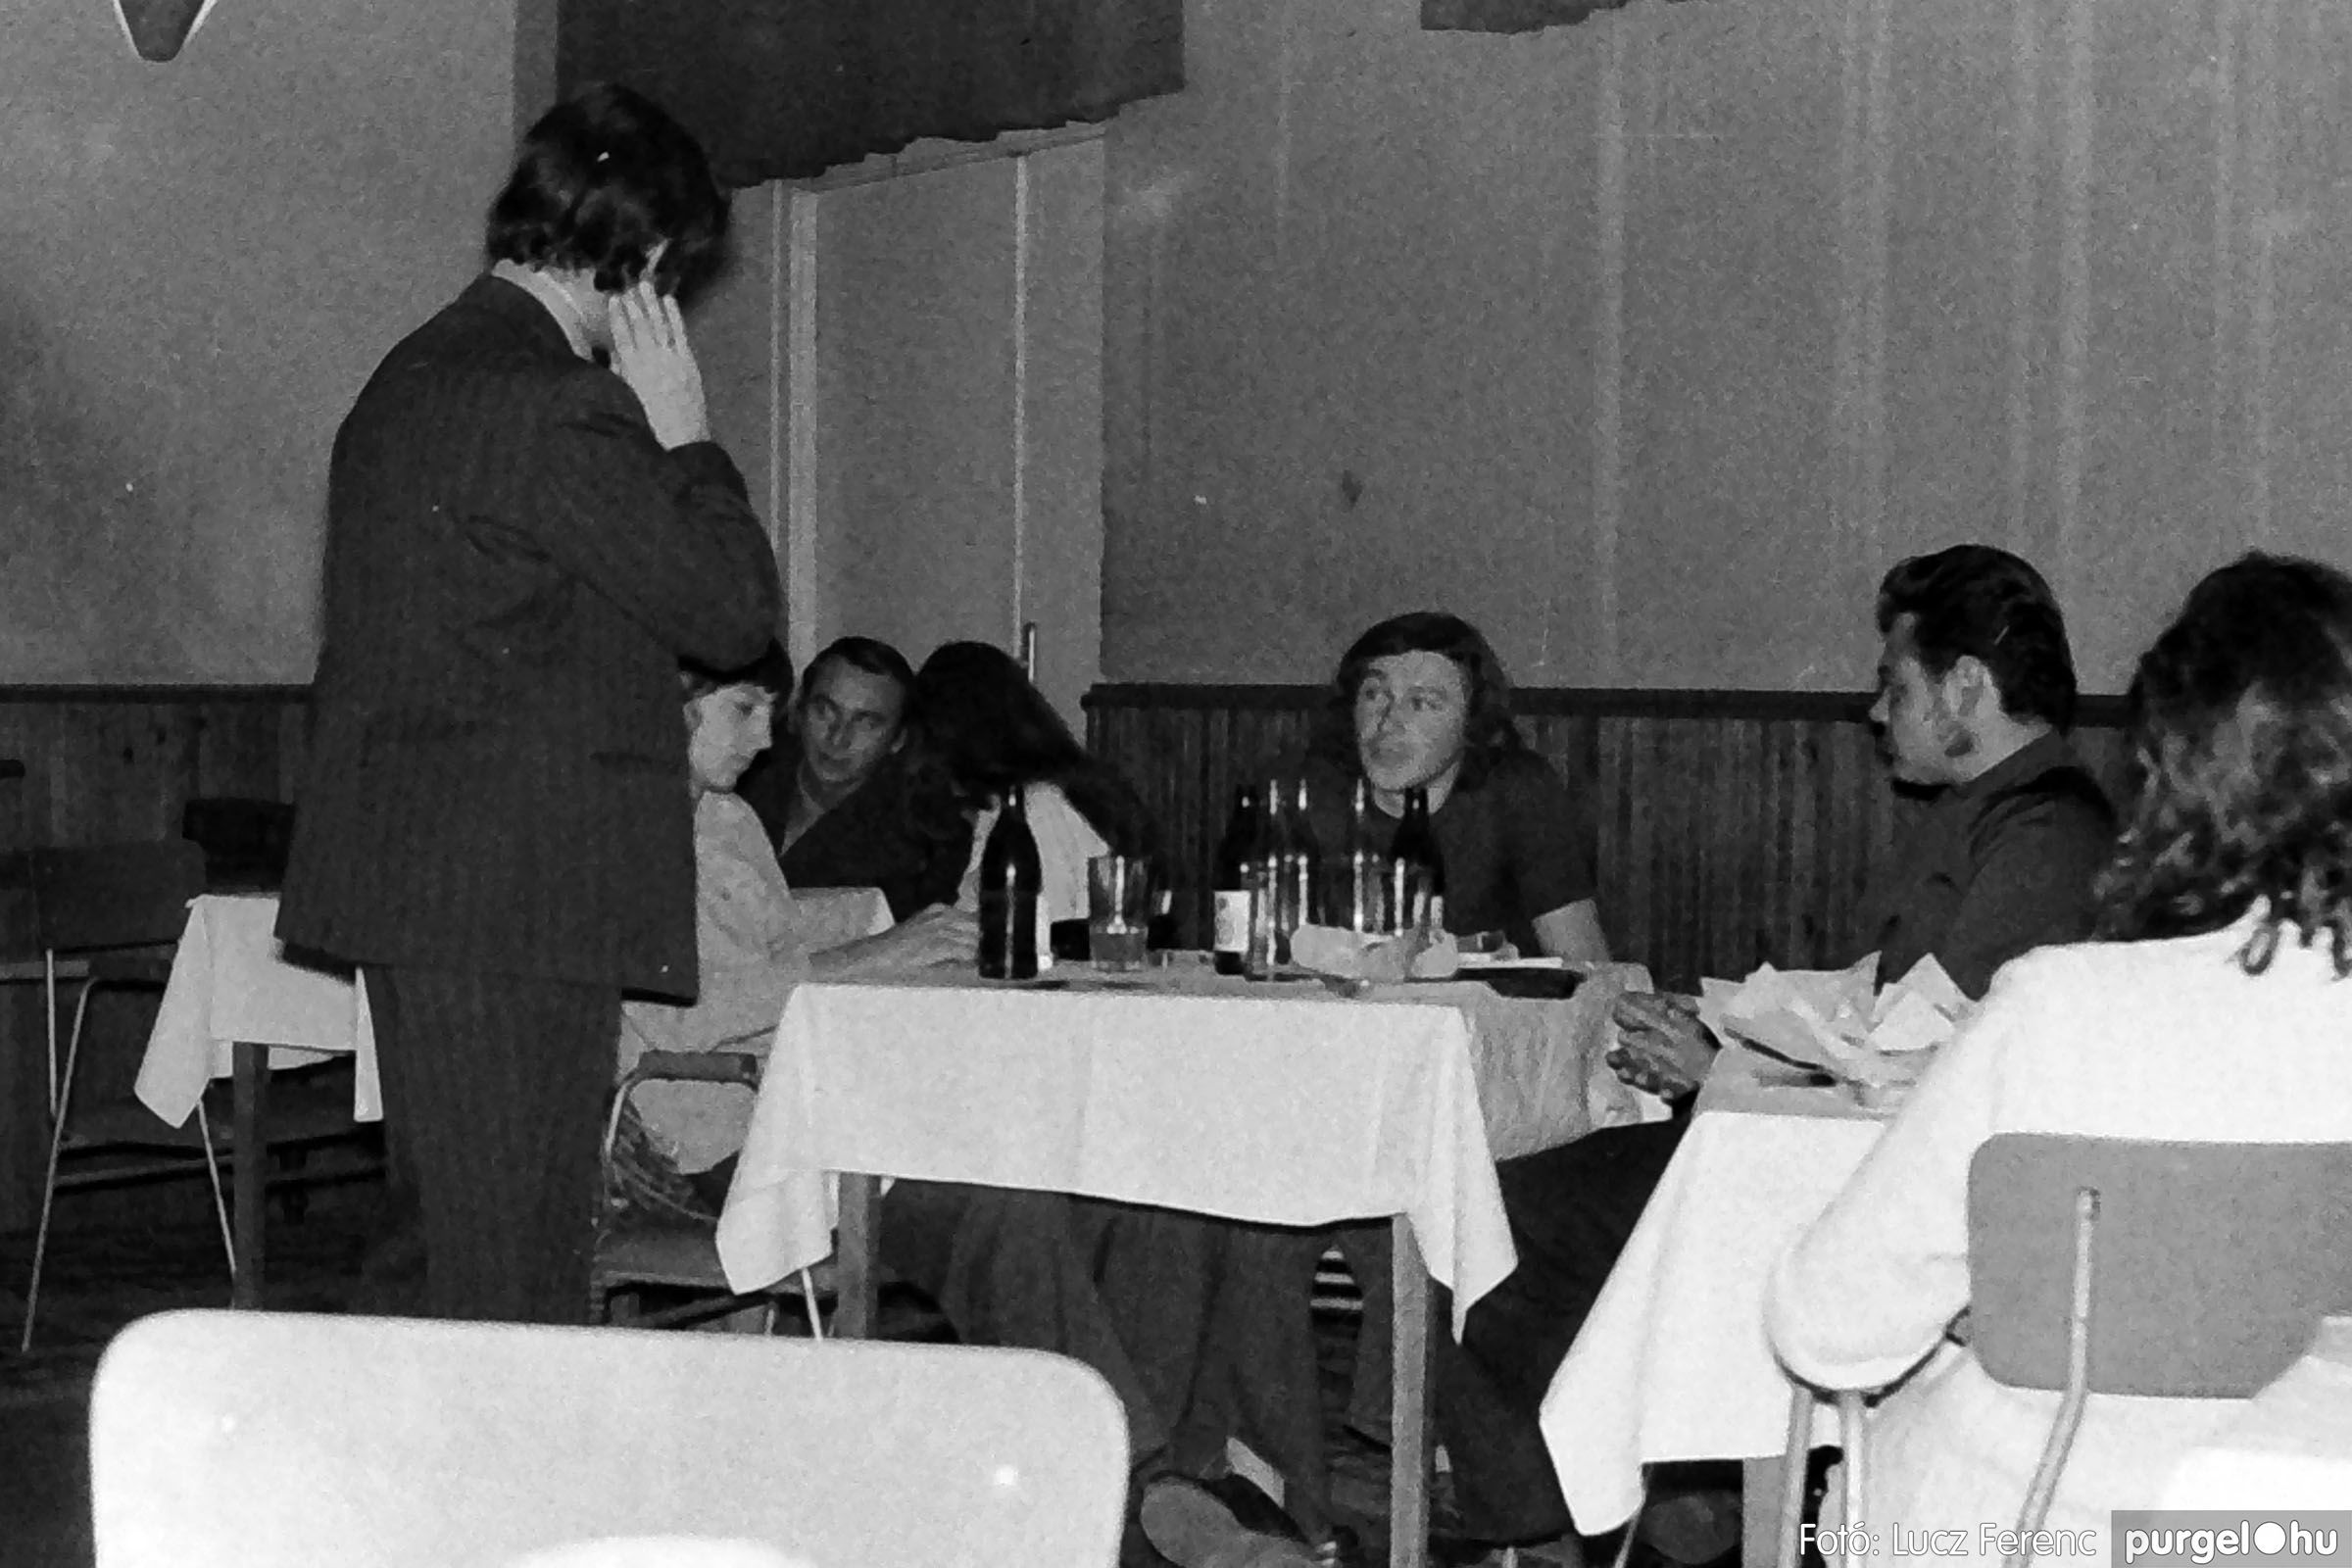 004A 1970-es évek - Kendergyári dolgozók vetélkedője 016 - Fotó: Lucz Ferenc IMG00096q.jpg